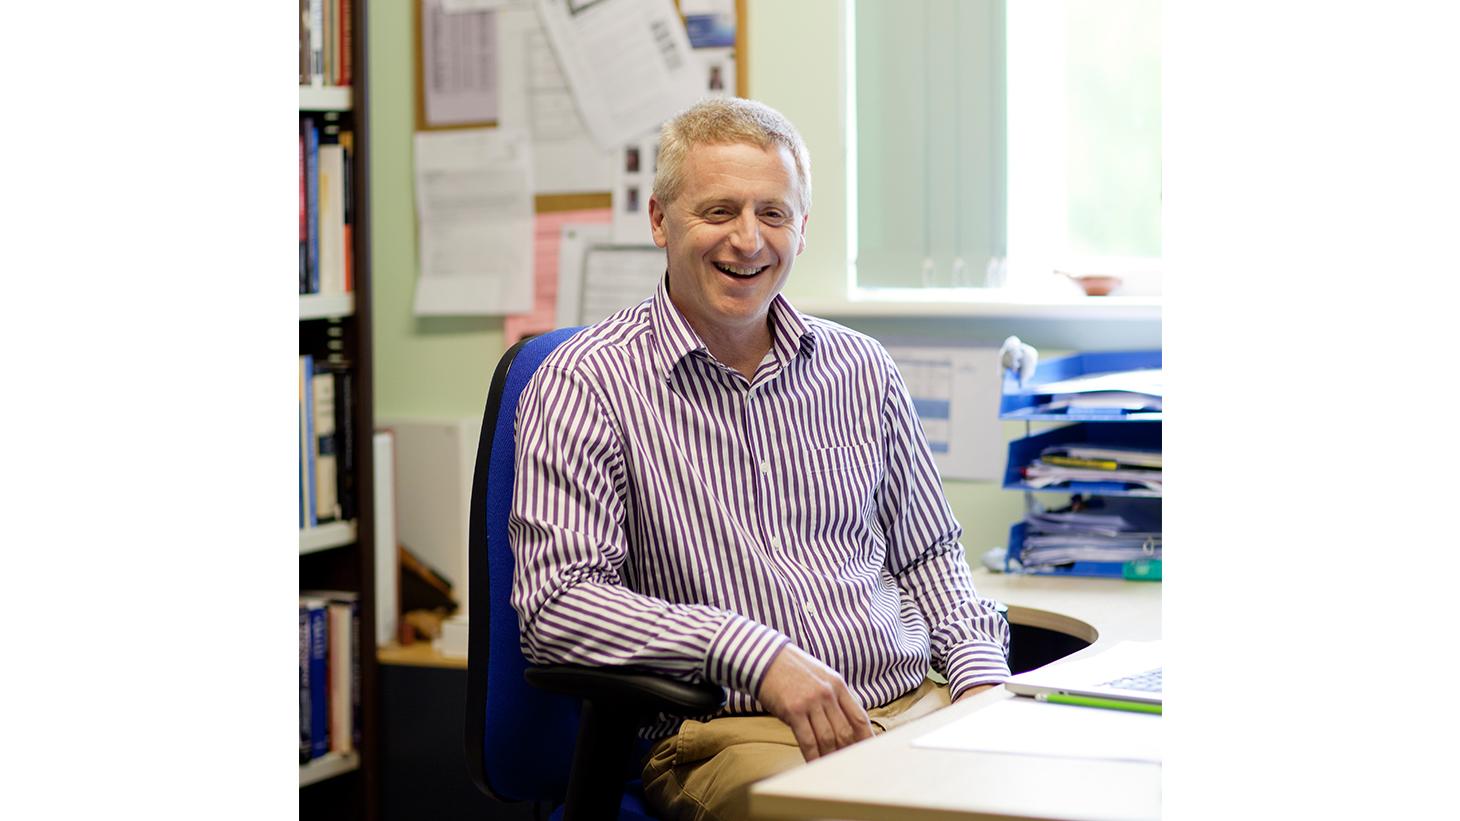 Chris Sinkinson